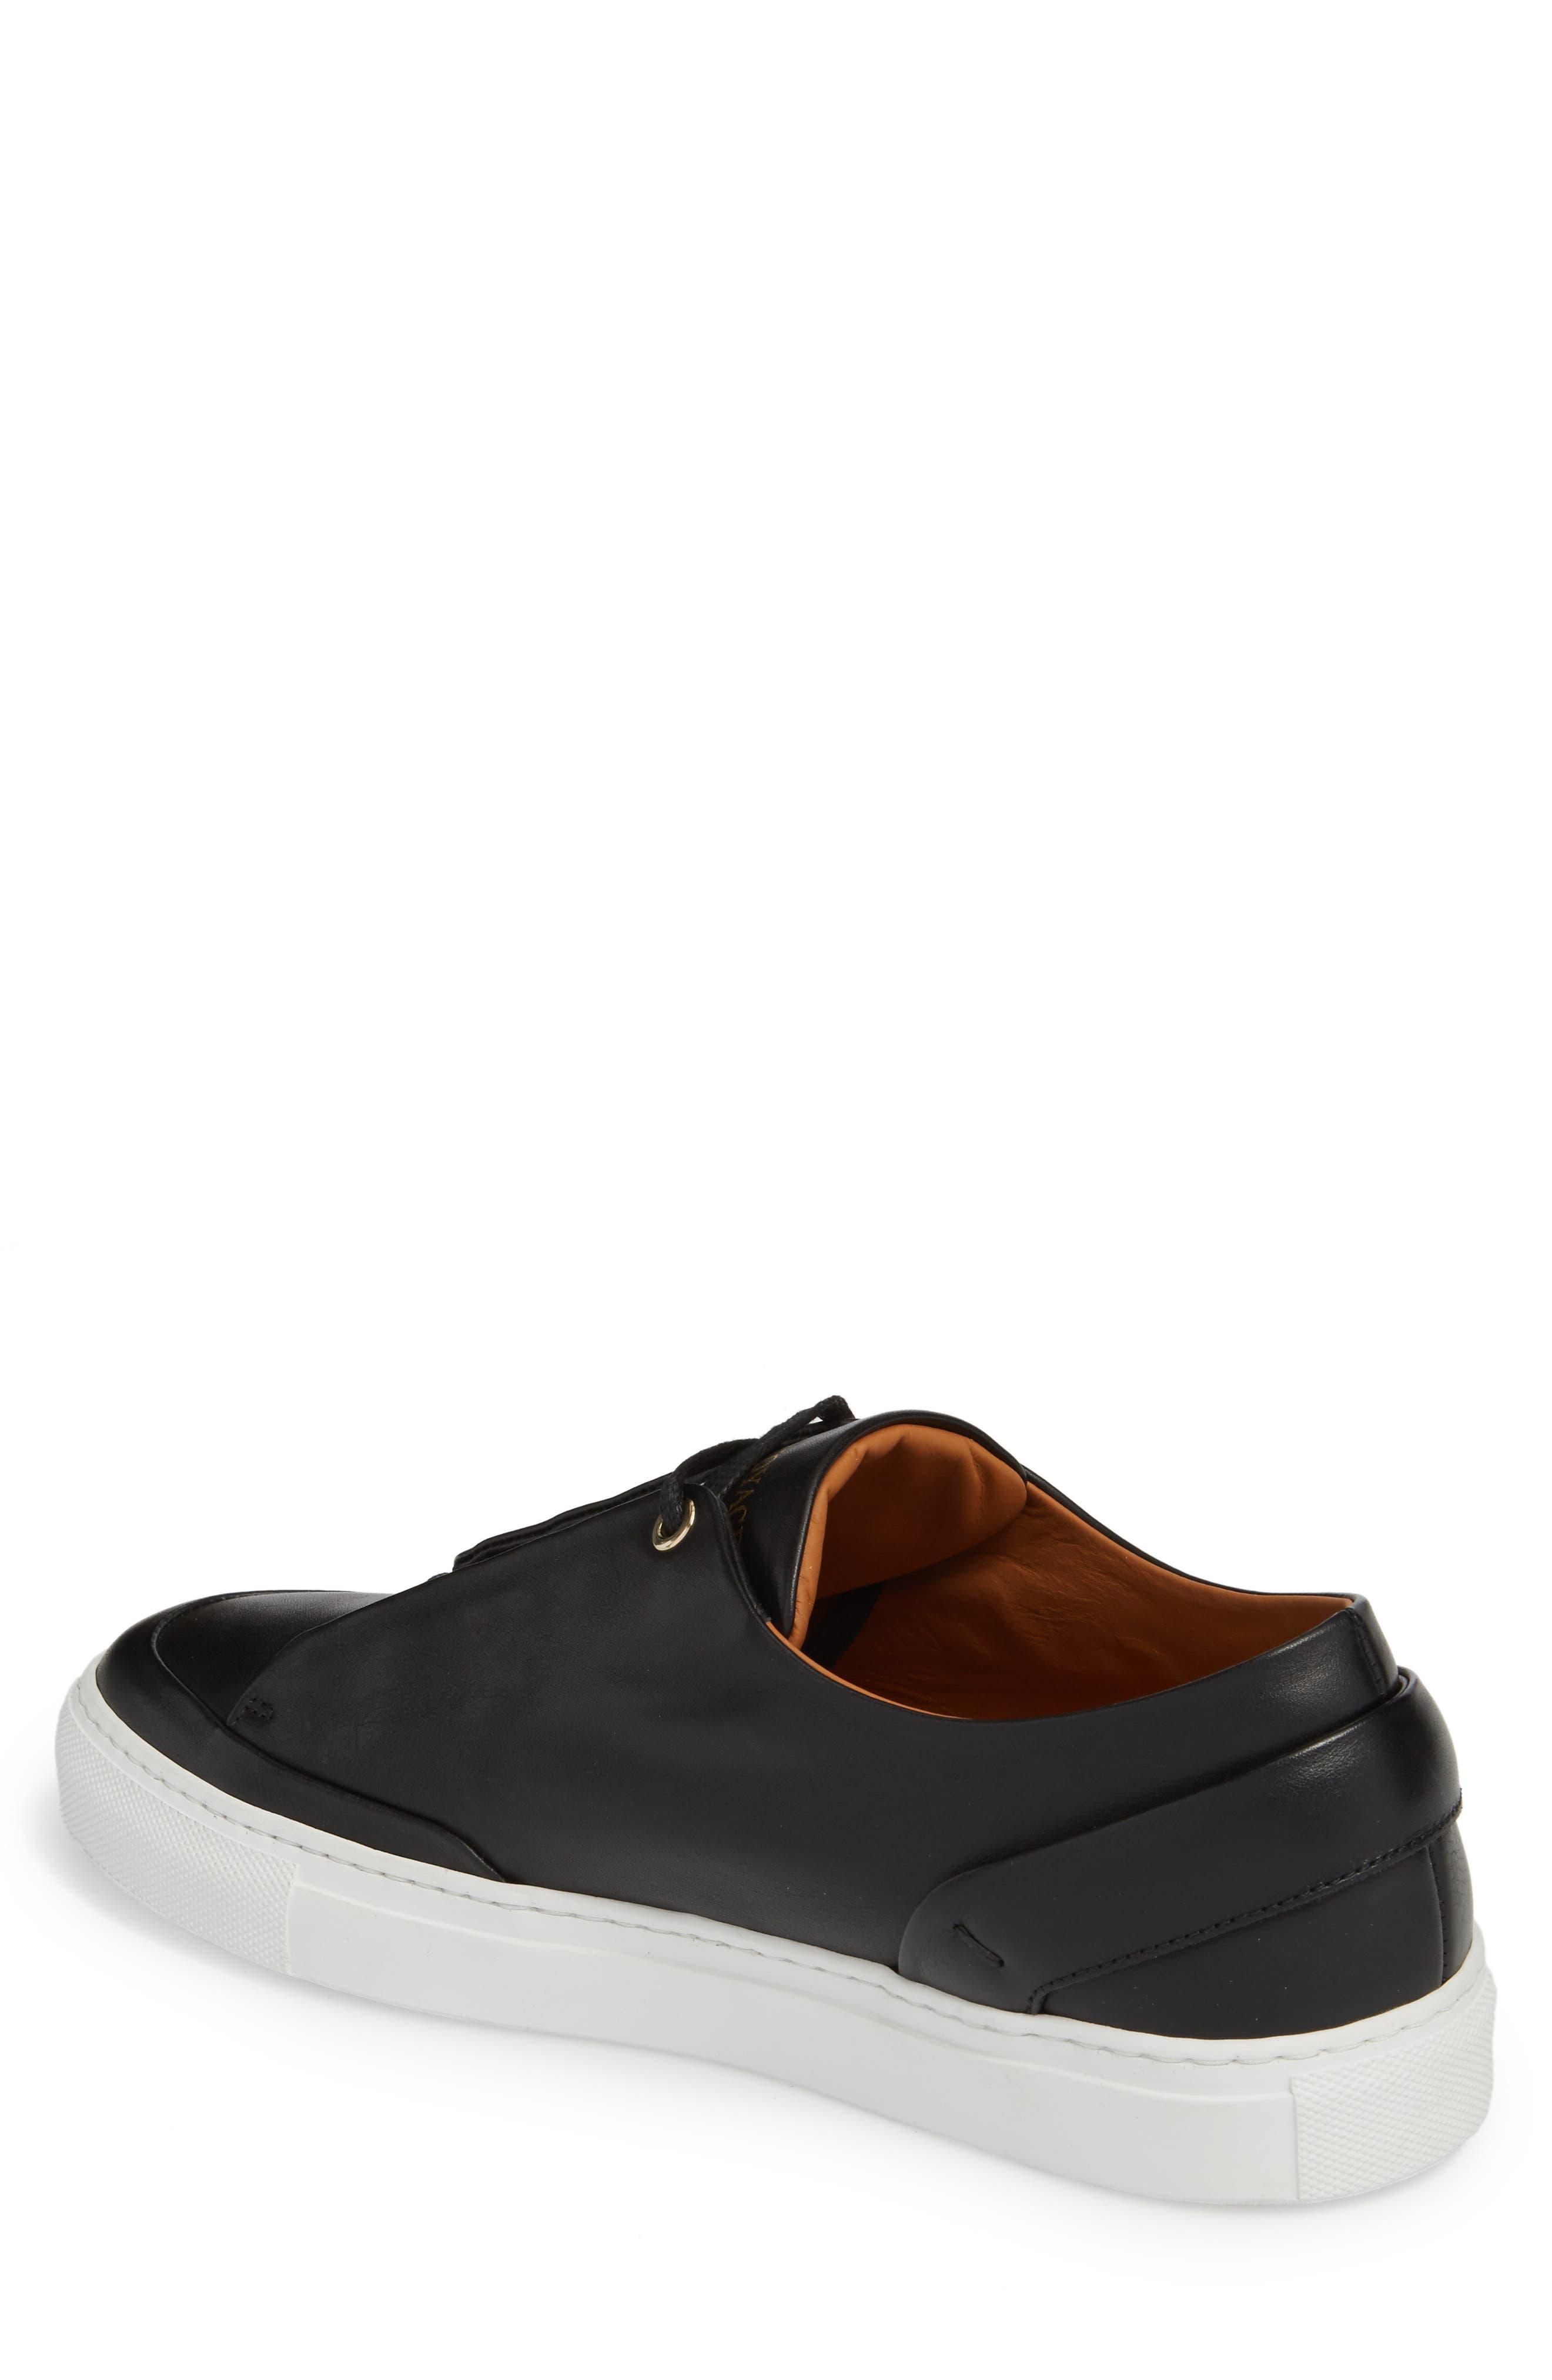 Avedon Sneaker,                             Alternate thumbnail 2, color,                             BLACK LEATHER